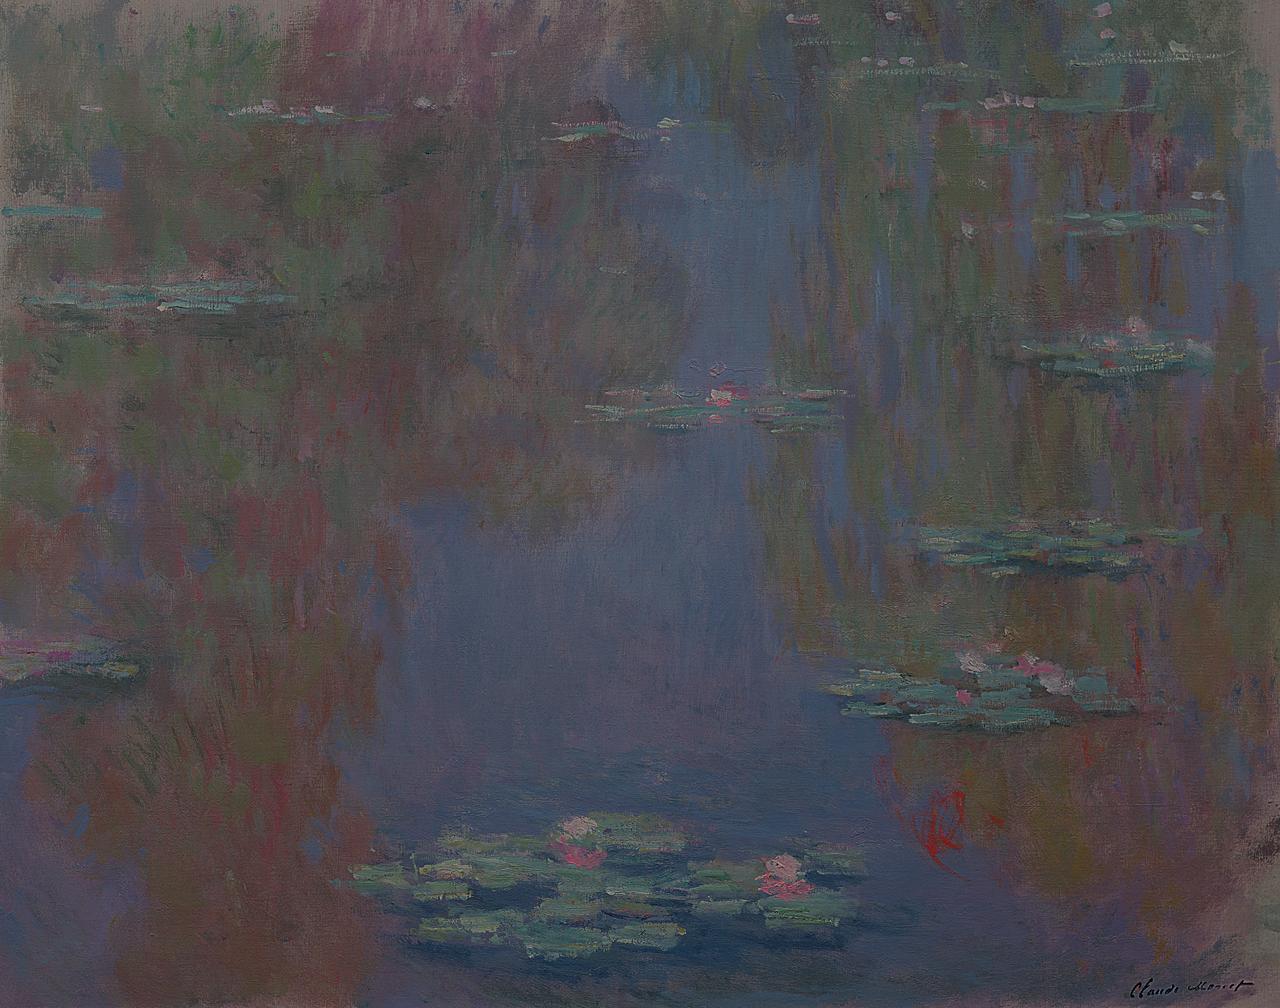 画像2: クロード・モネ 《睡蓮》 1903年 Musée Marmottan Monet, Paris © Bridgeman-Giraudon